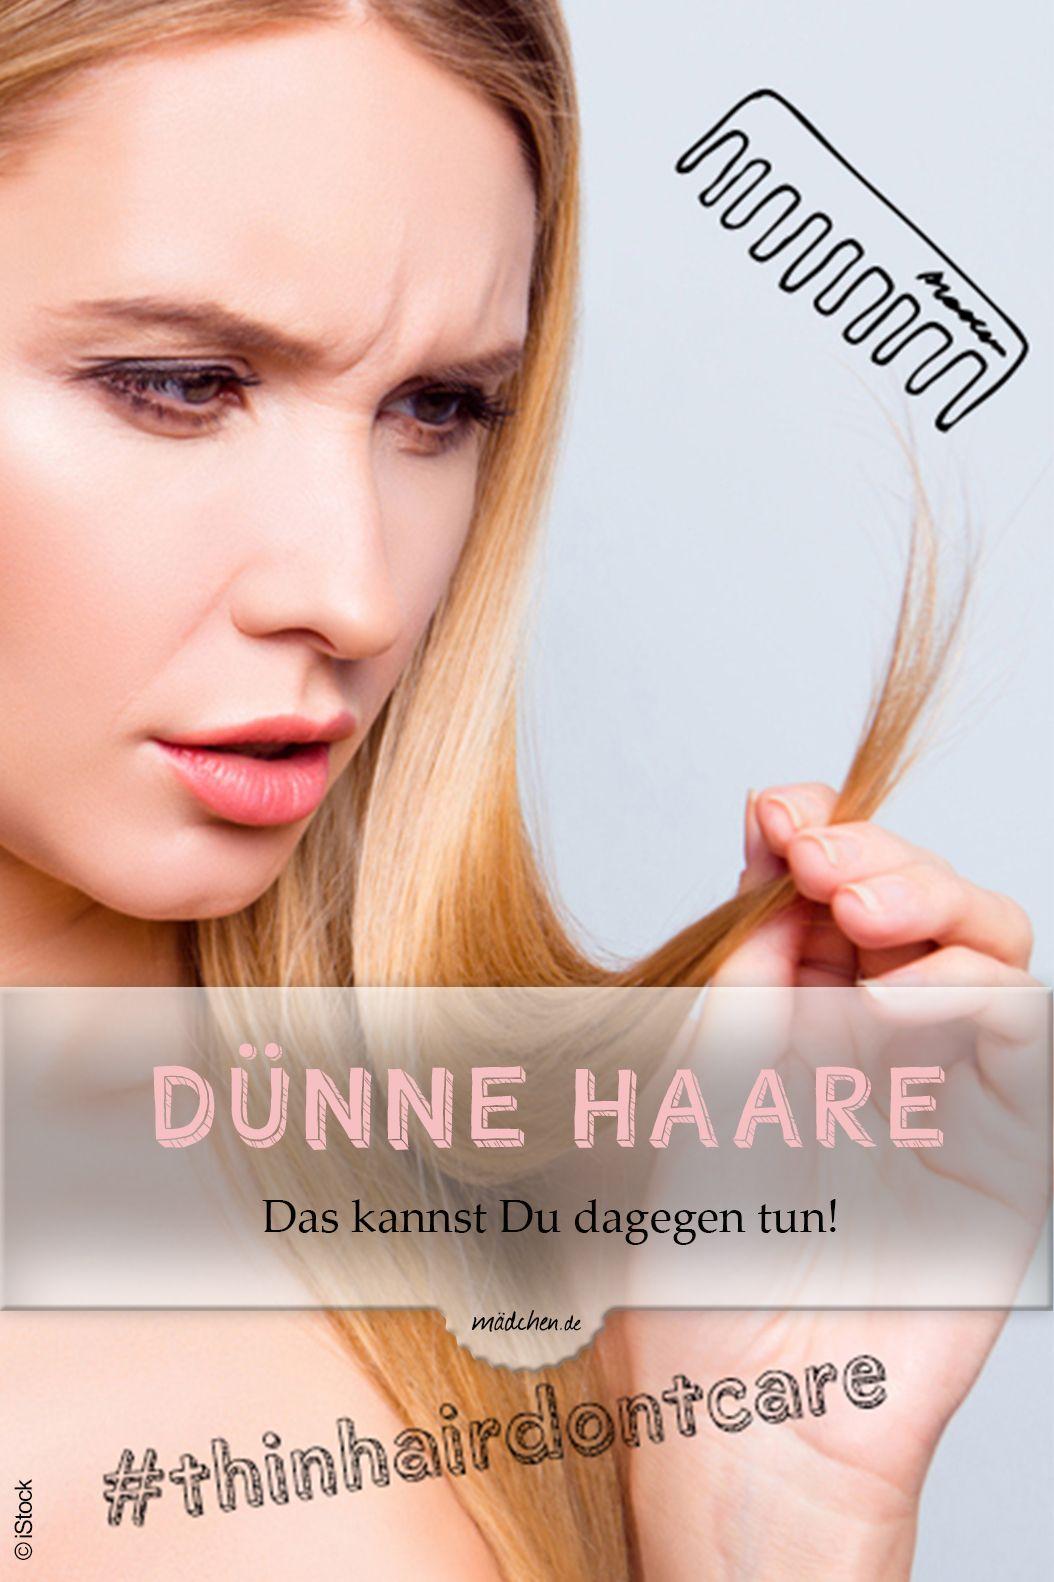 Dünne Haare: Probleme, die nur betroffene Mädels kennen